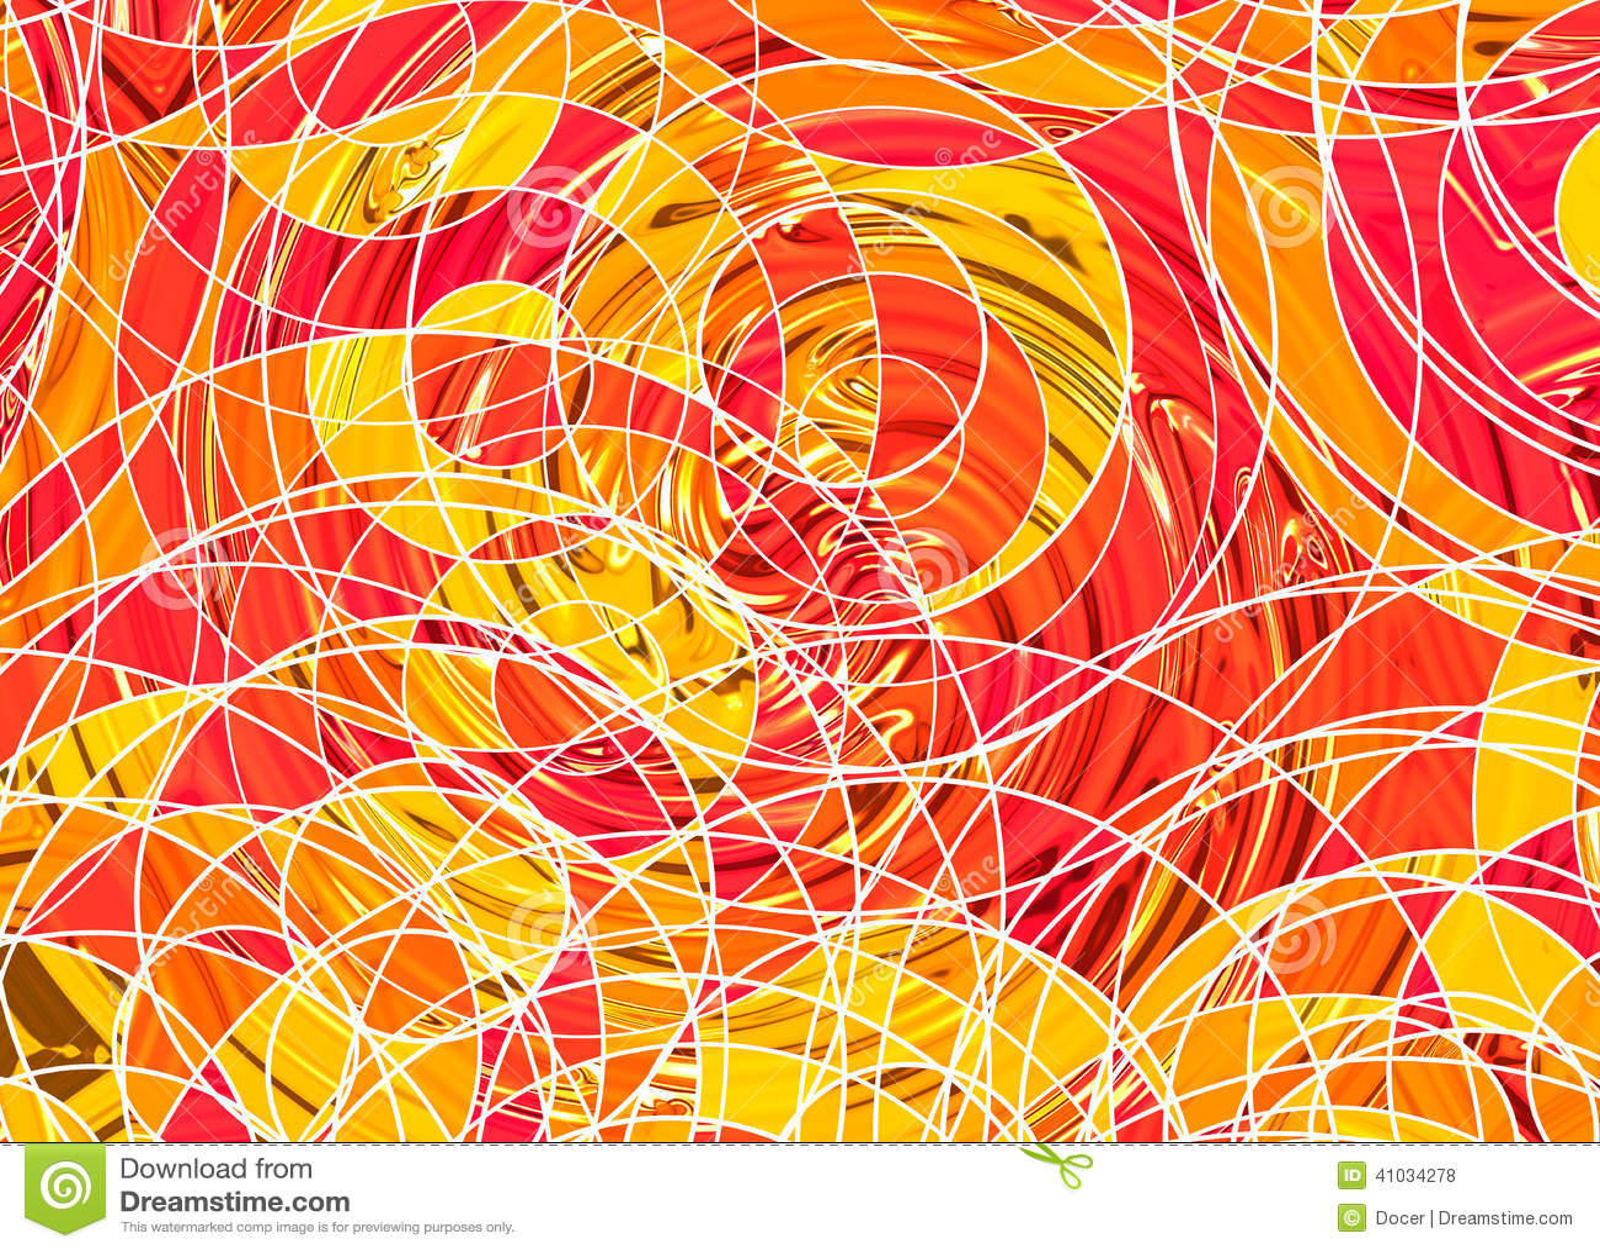 Vele abstracte gekrulde lijnen op witte achtergronden